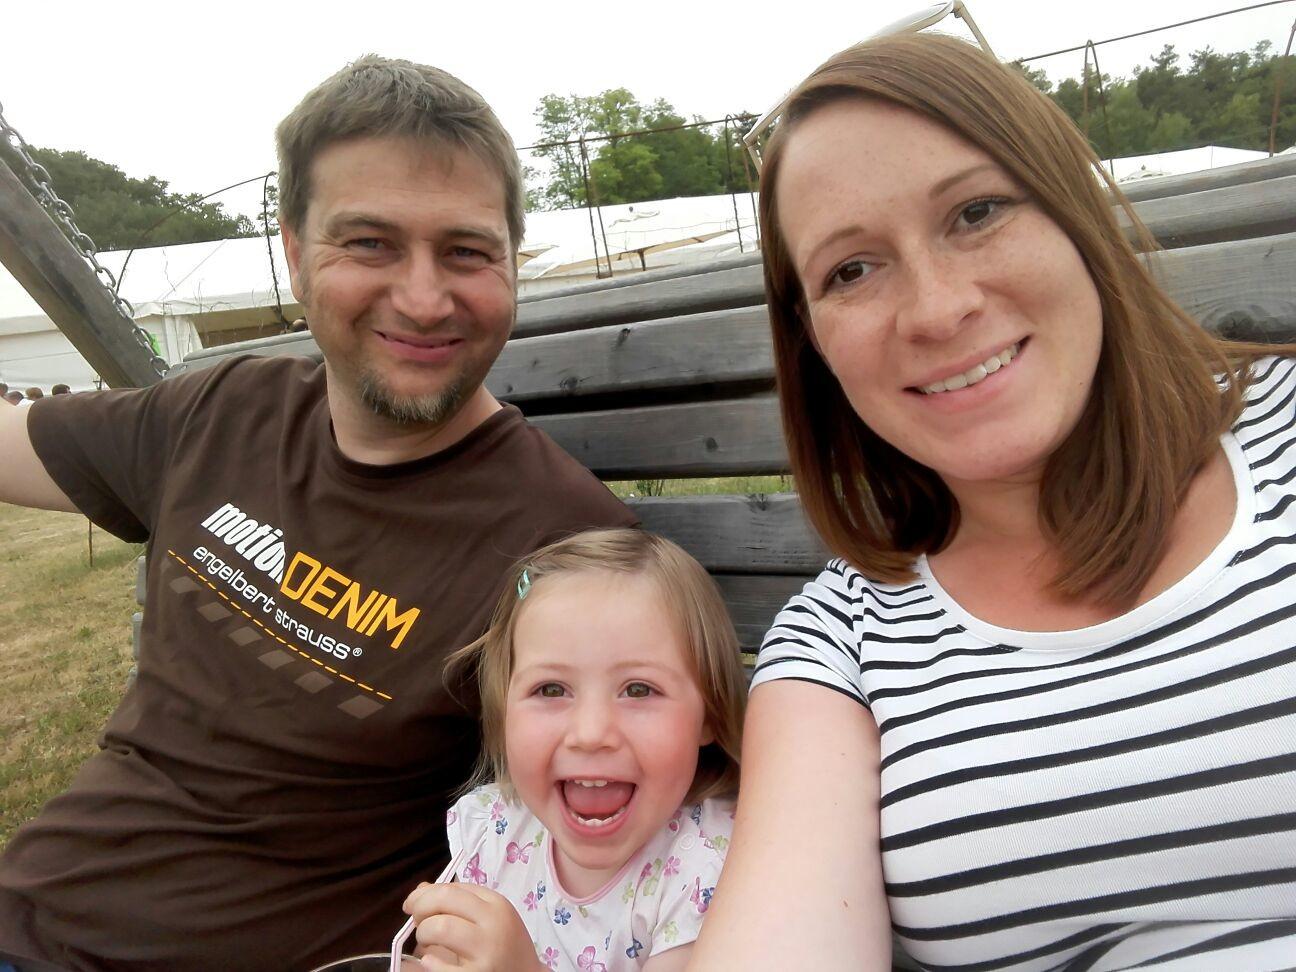 Christian Kugler mit Frau und Tochter beim Lächeln im Garten